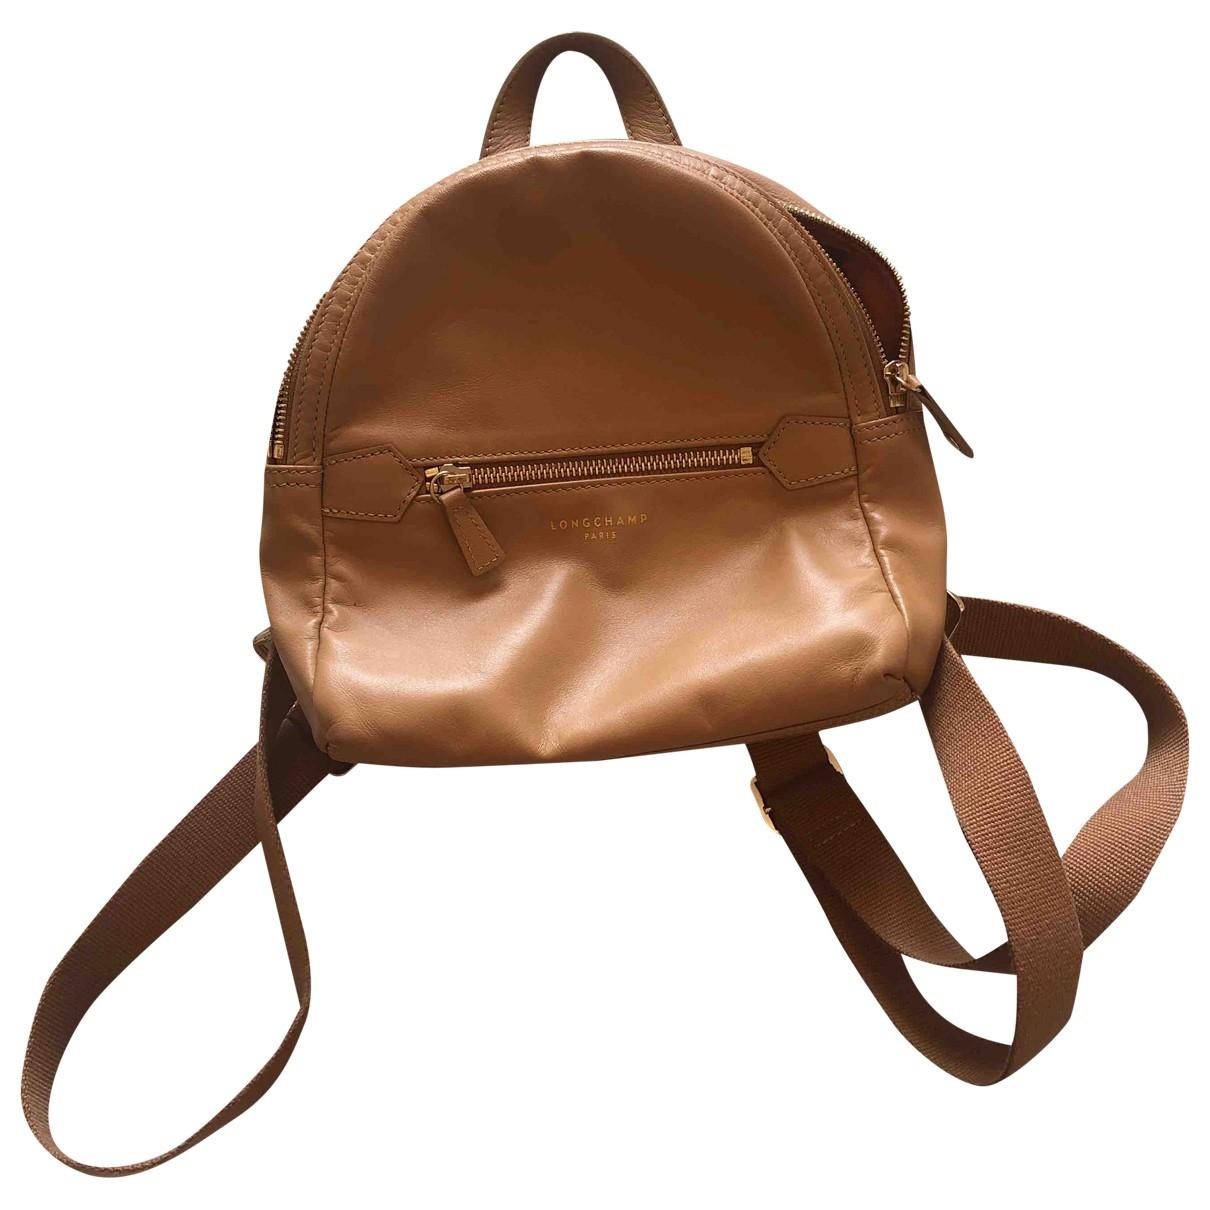 Longchamp - Sac a dos   pour femme en cuir - camel